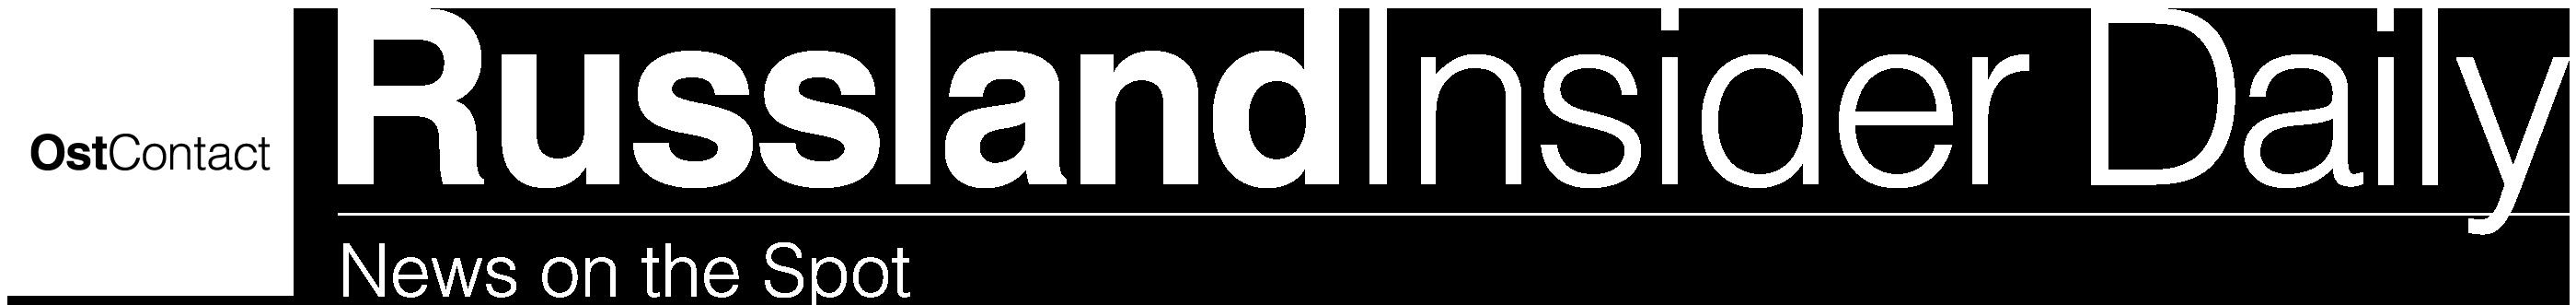 https://owc.de/wp-content/uploads/2021/09/RID_uni-wh.png